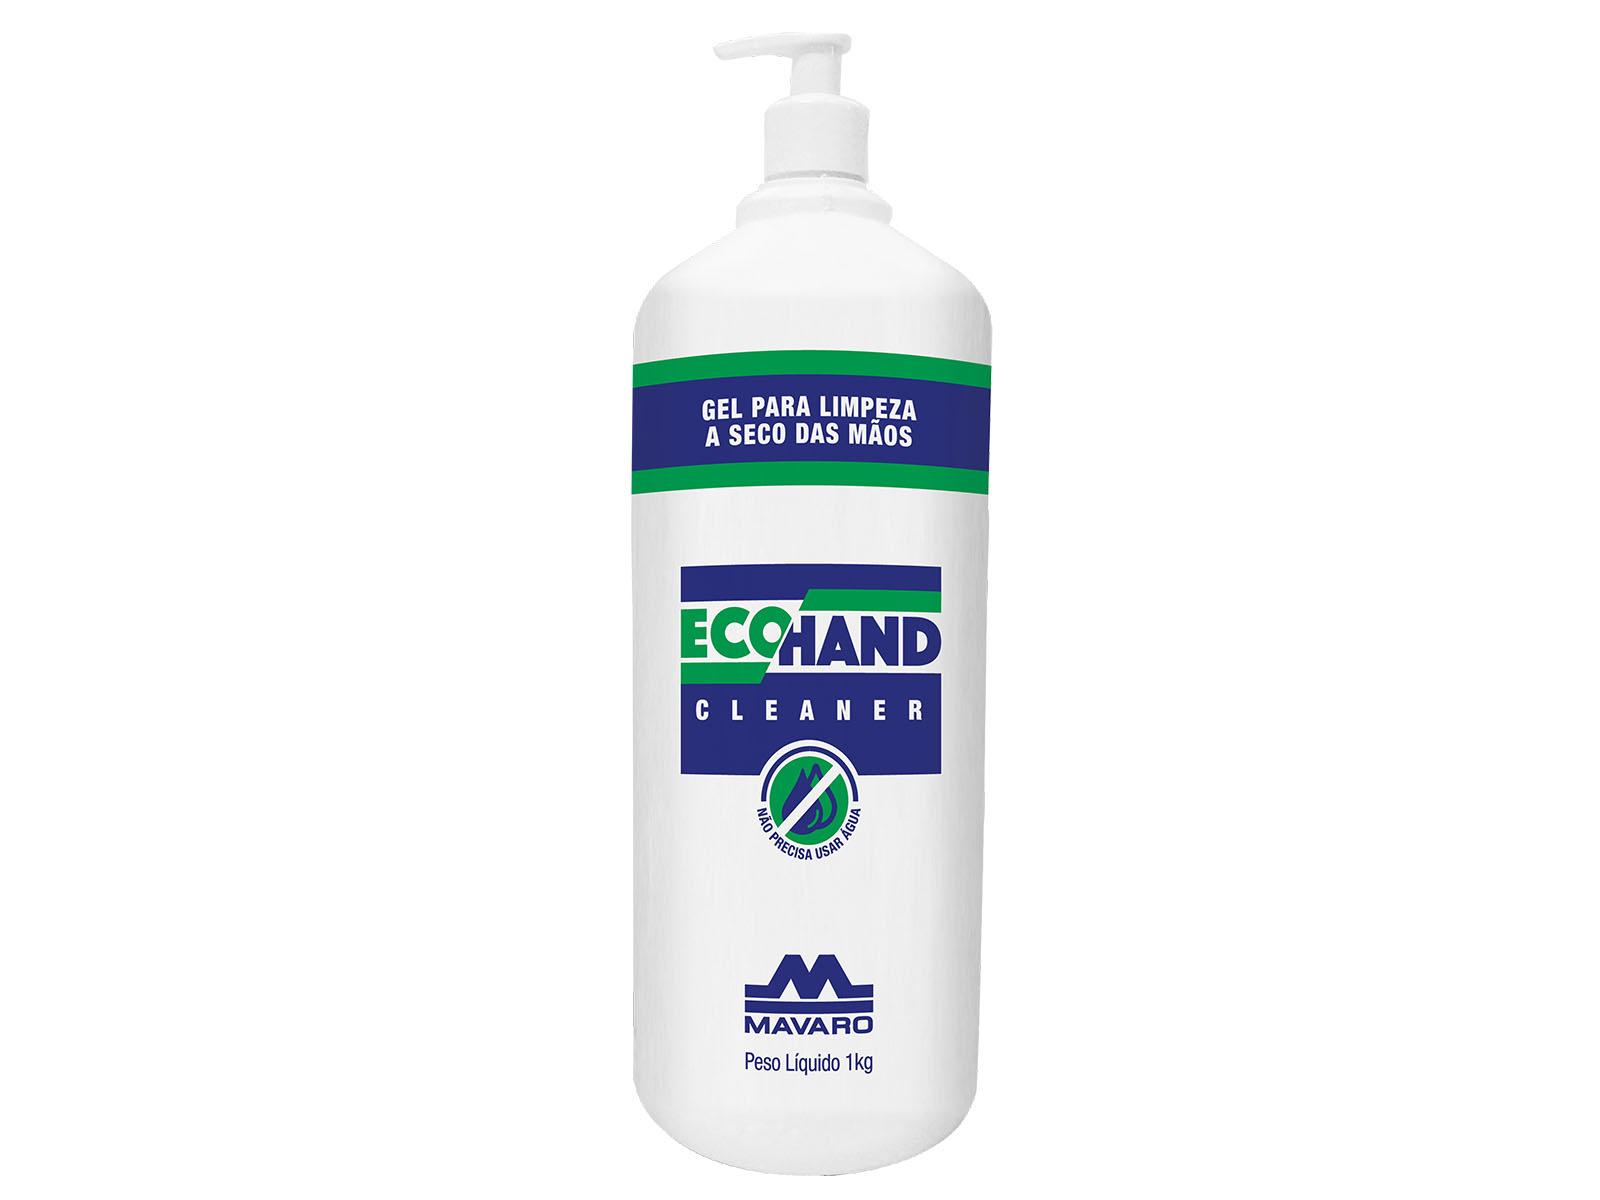 ECO HAND Cleaner - GEL para limpeza a seco das mãos.